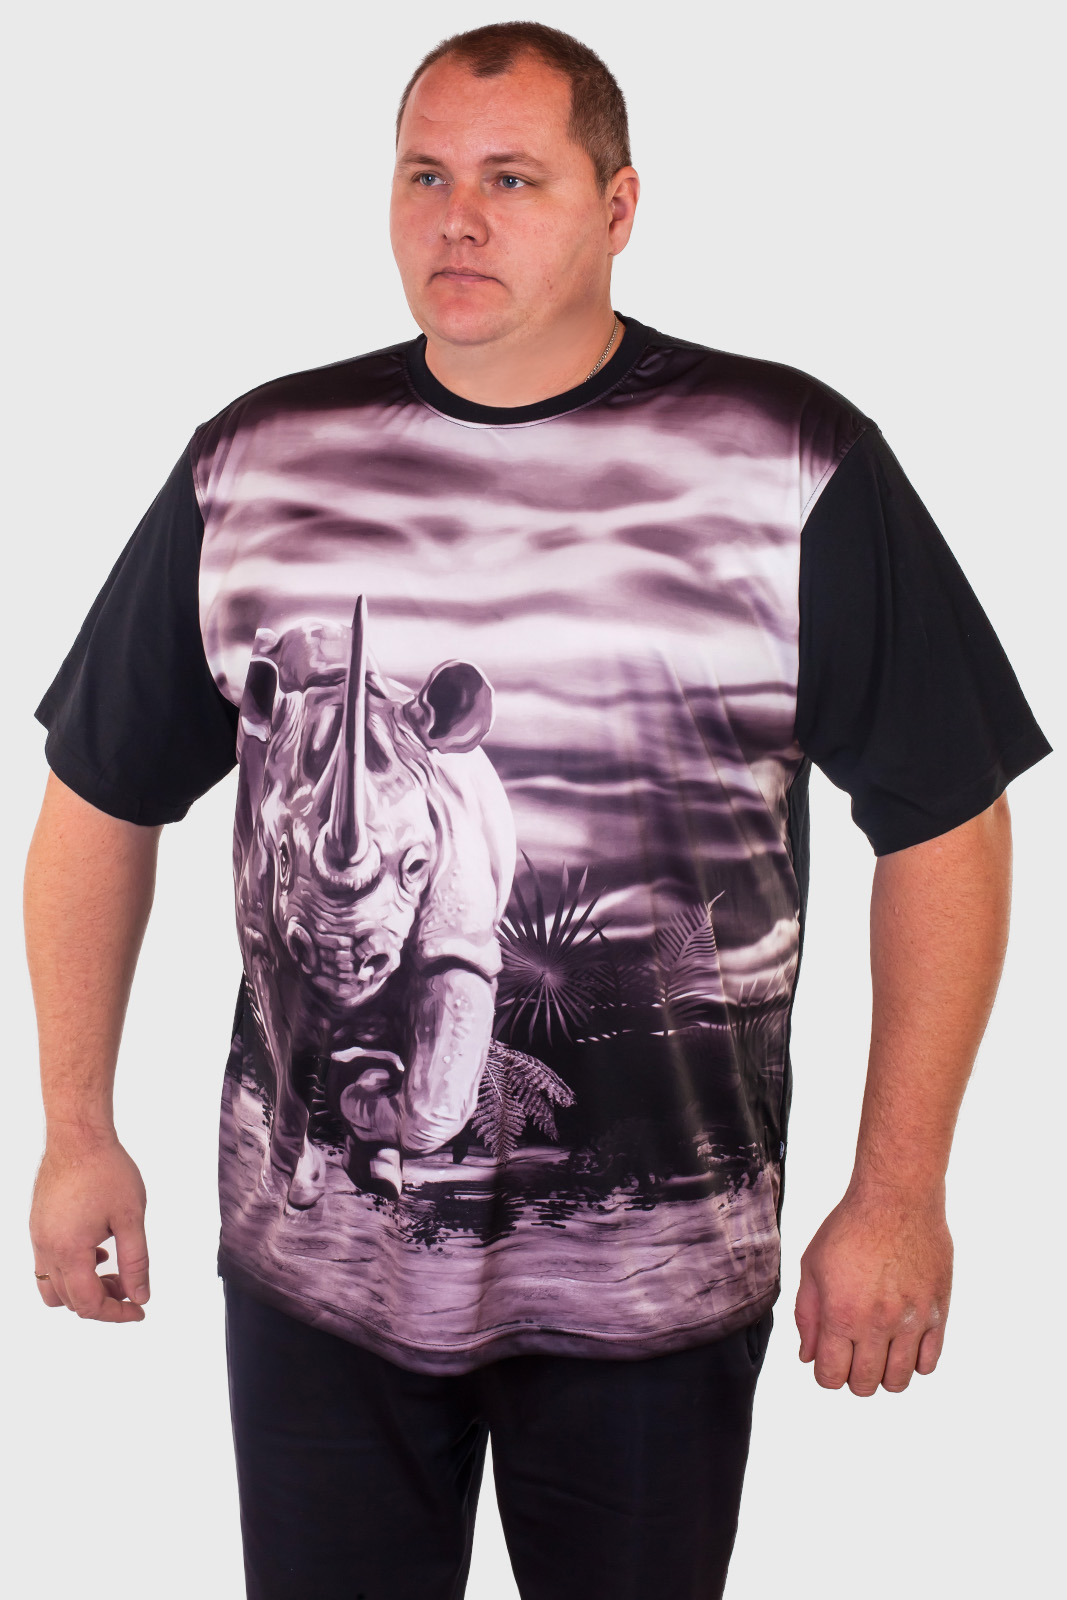 Недорогие футболки Ecko Unltd больших размеров